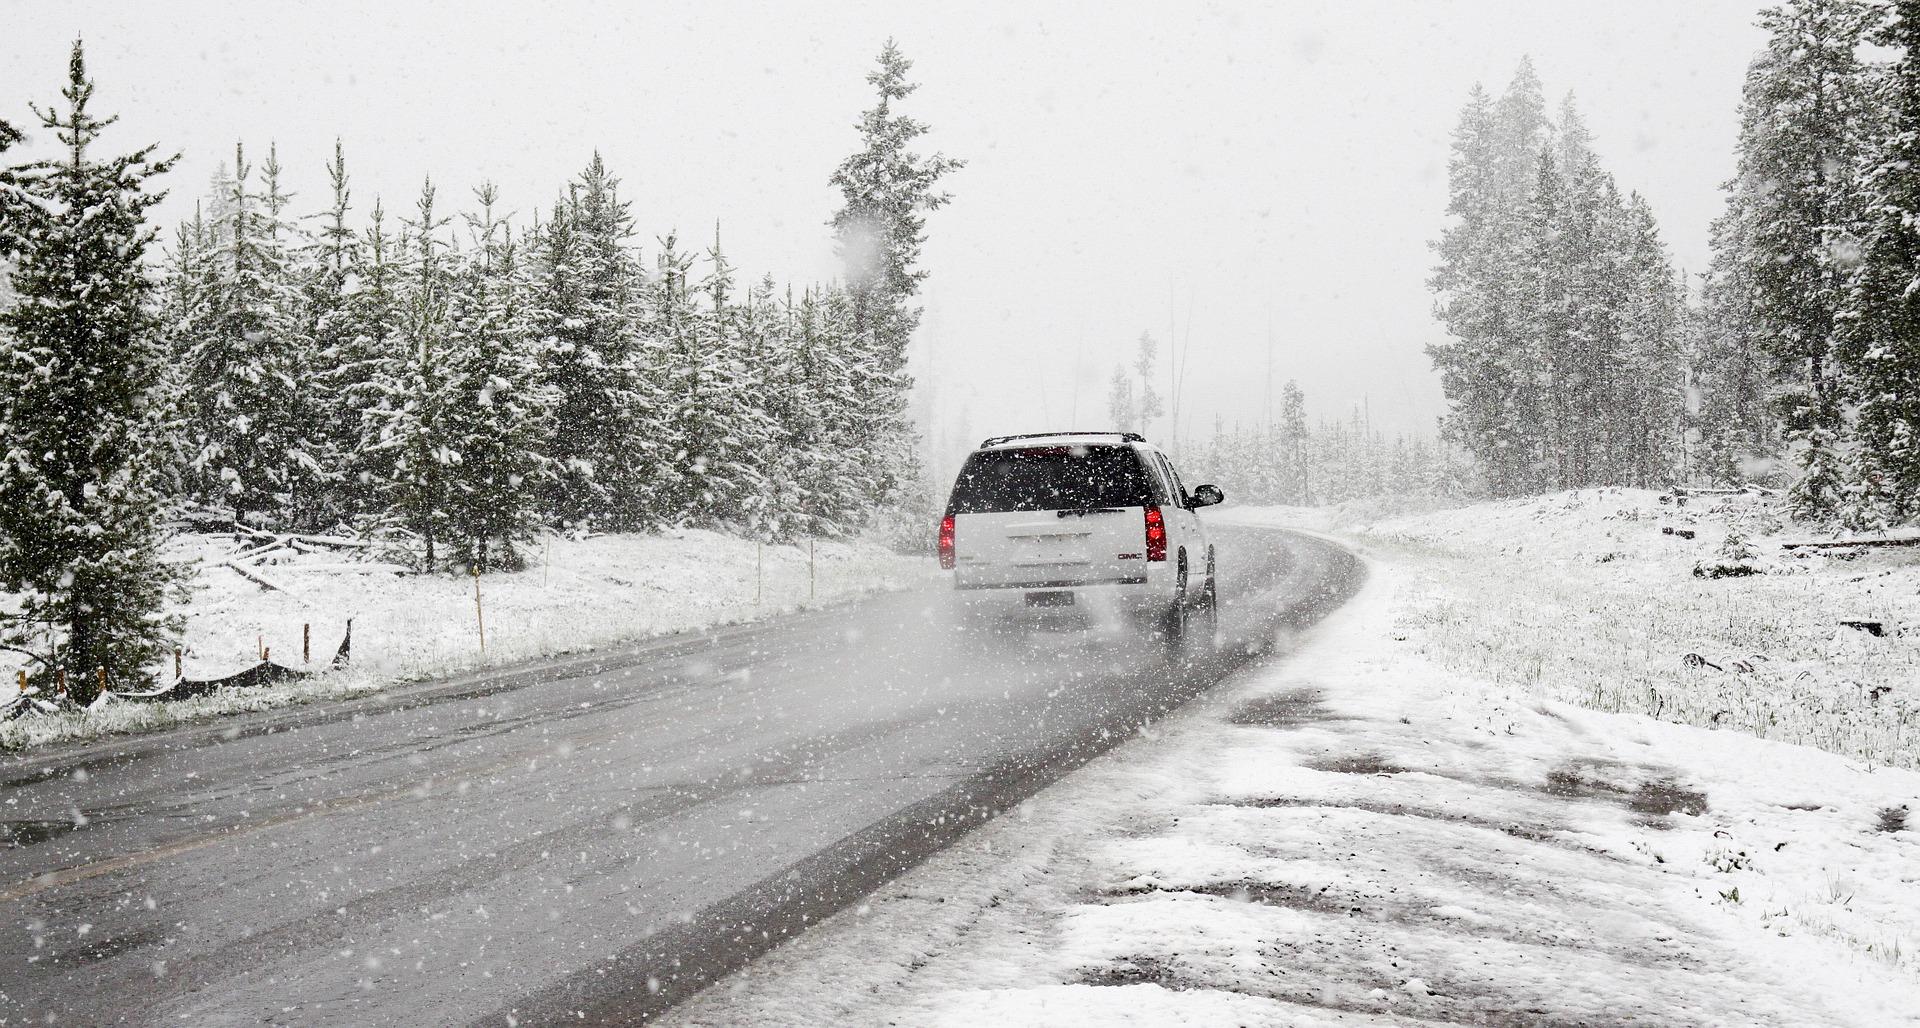 Landvetter Parkering | 1559122387-snow-1281636_1920.jpg